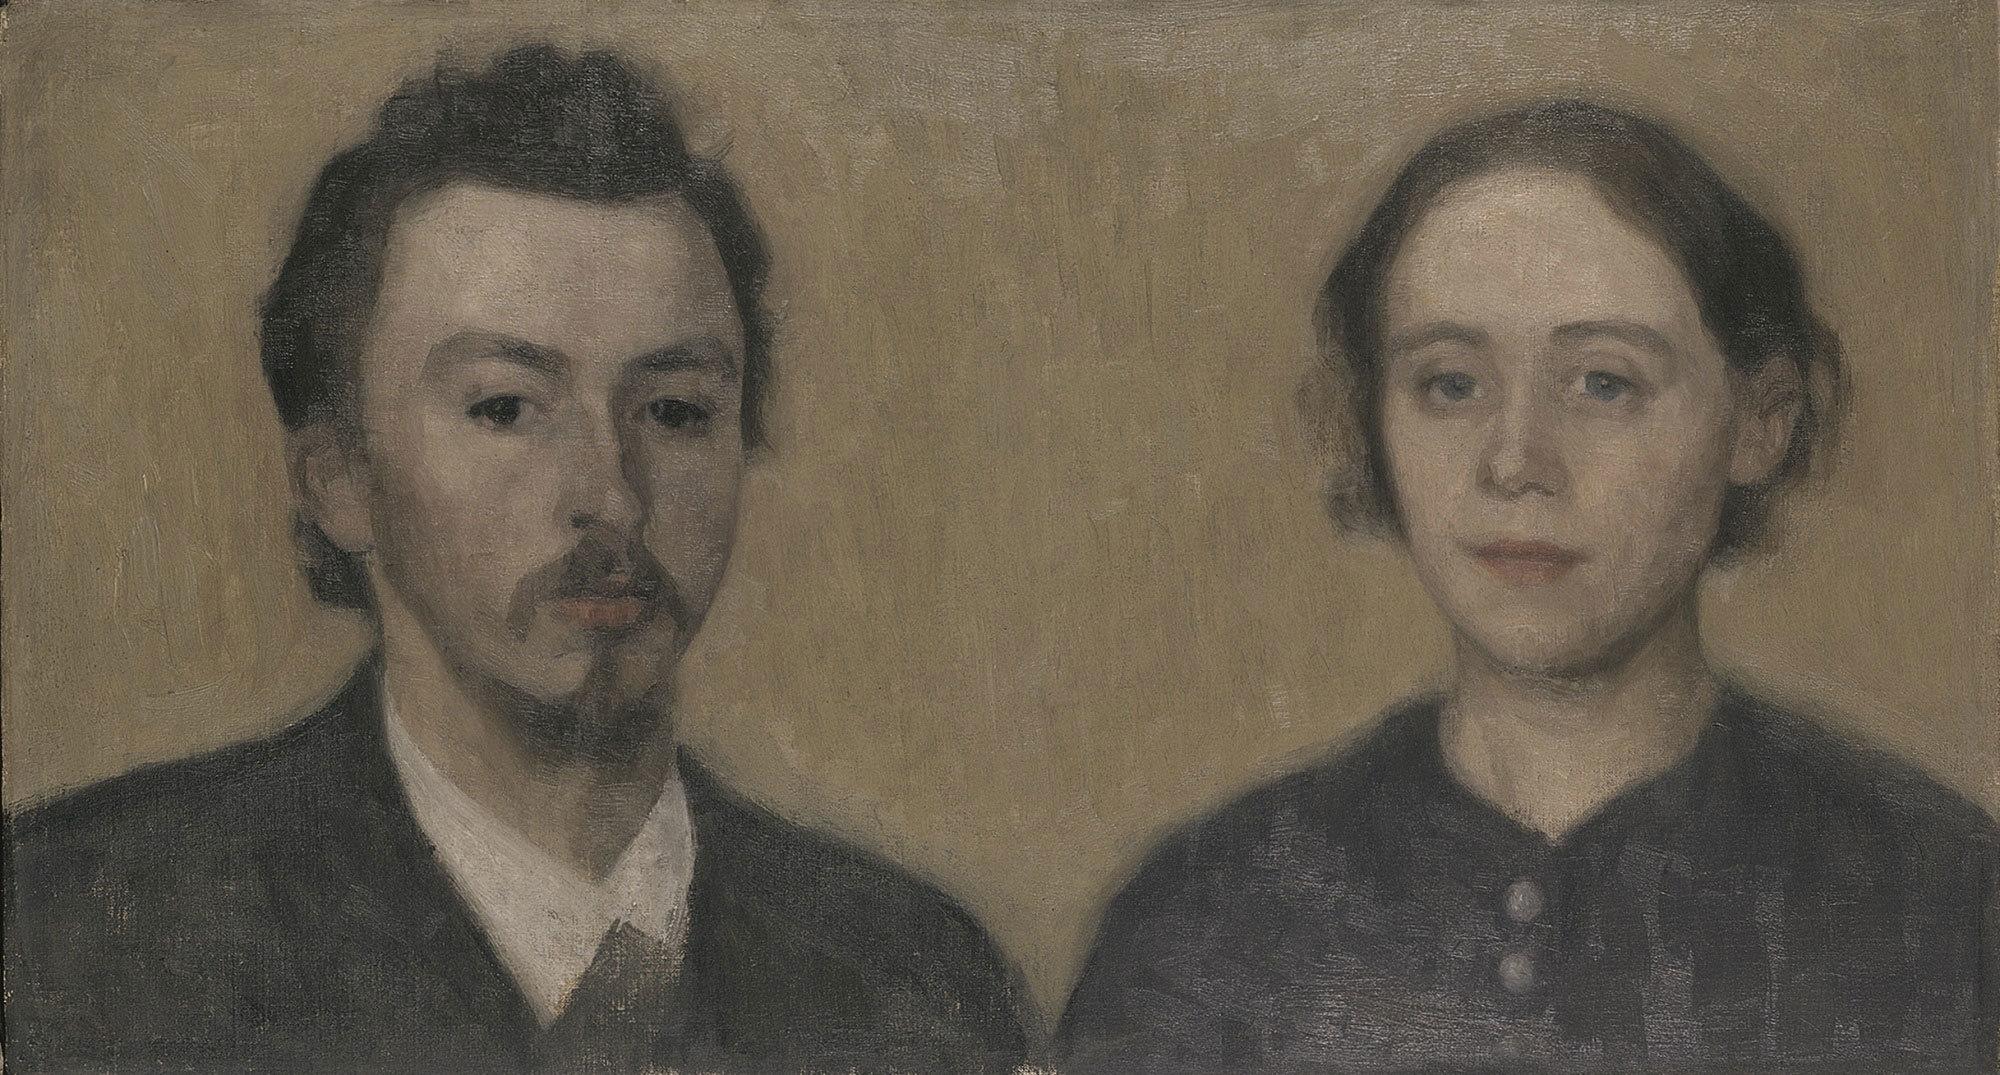 ヴィルヘルム・ハマスホイ 《画家と妻の肖像、パリ》 1892年 デーヴィズ・コレクション蔵 The David Collection, Copenhagen